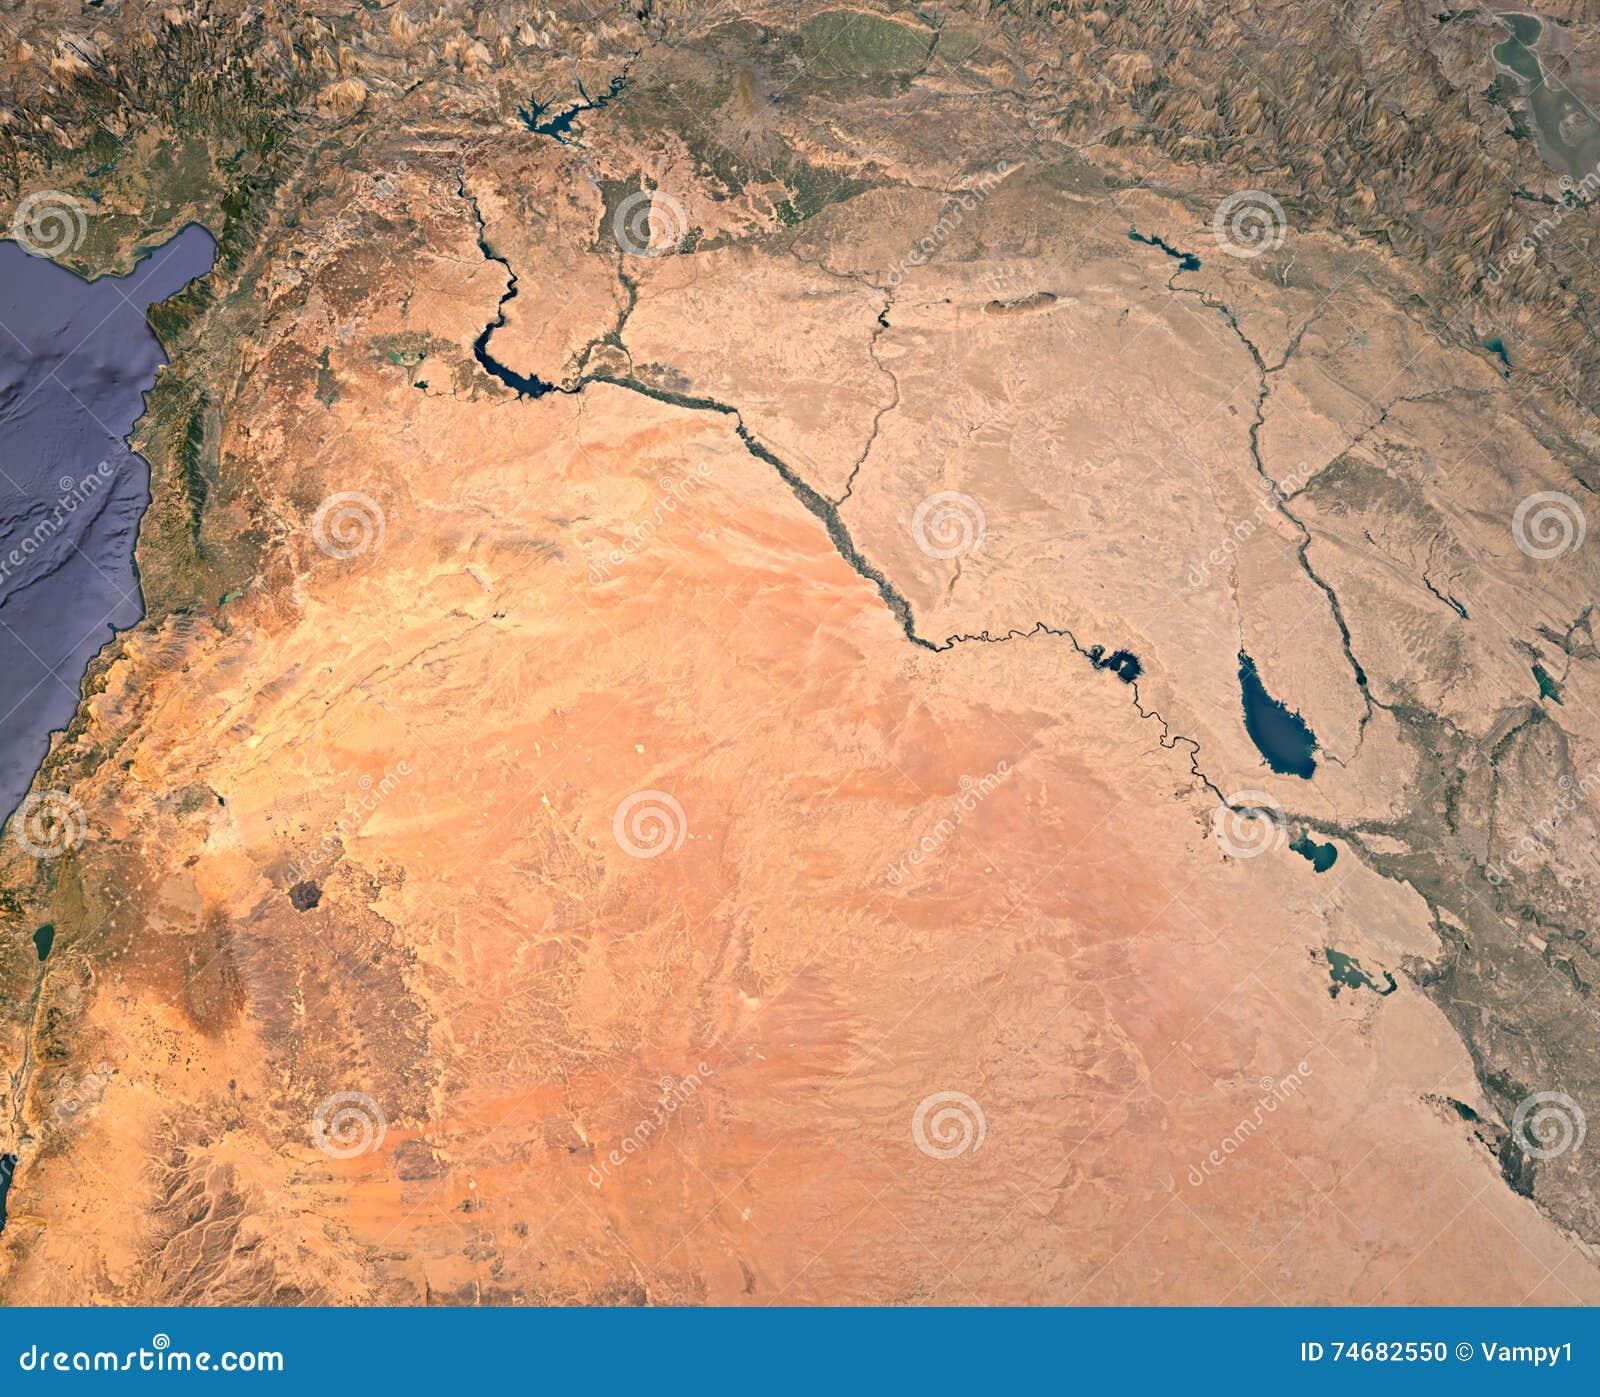 Karte Syrien Irak.Syrien Der Irak Satellitenbild Karte 3d Wiedergabe Land